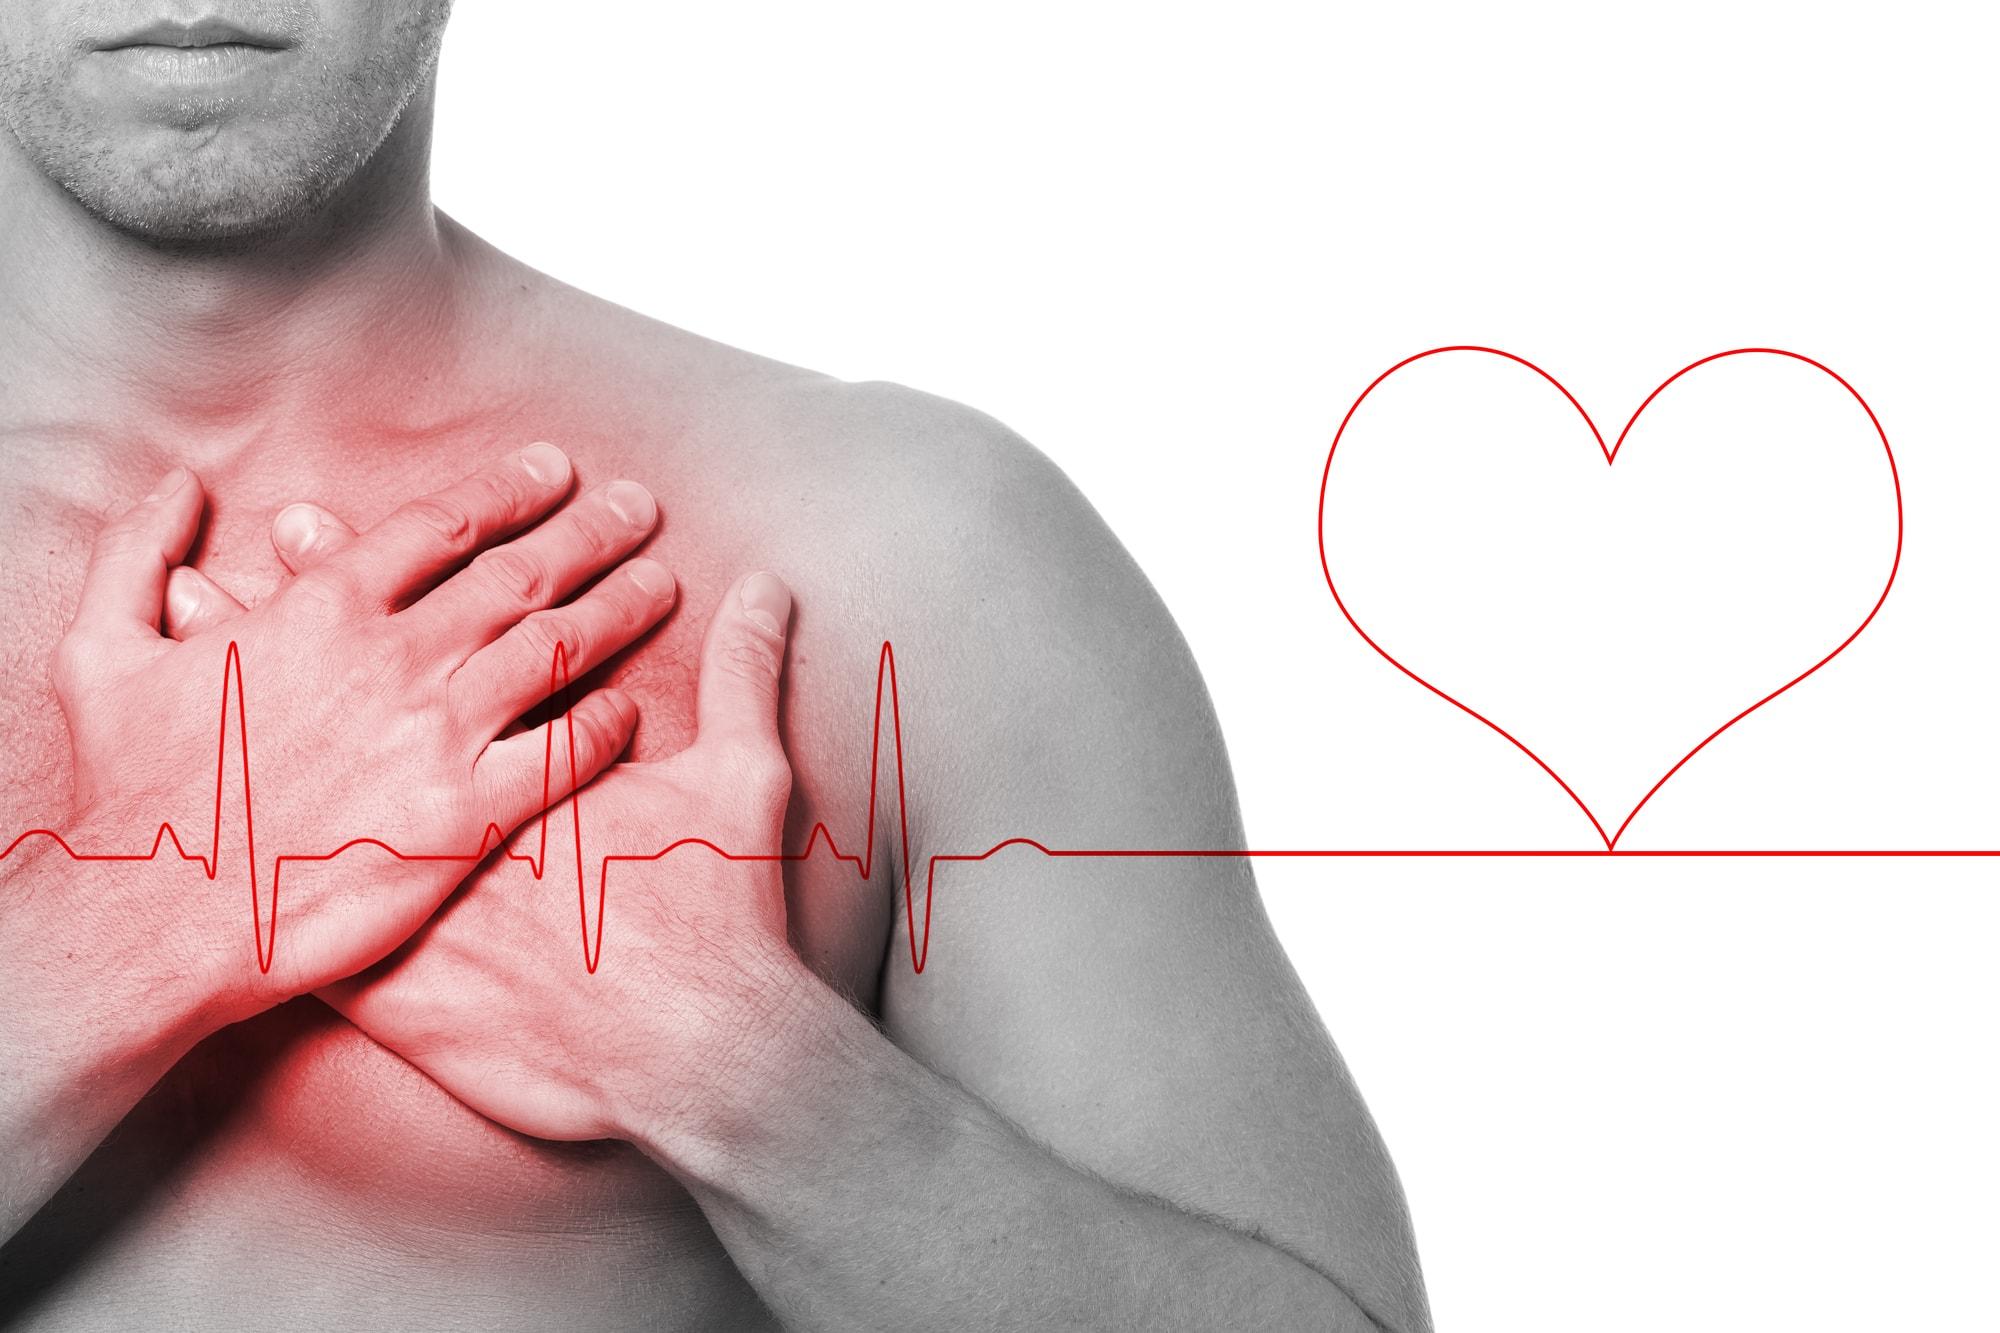 14 продуктов для здоровья сердца и сосудов, которые помогут избежать инфаркта